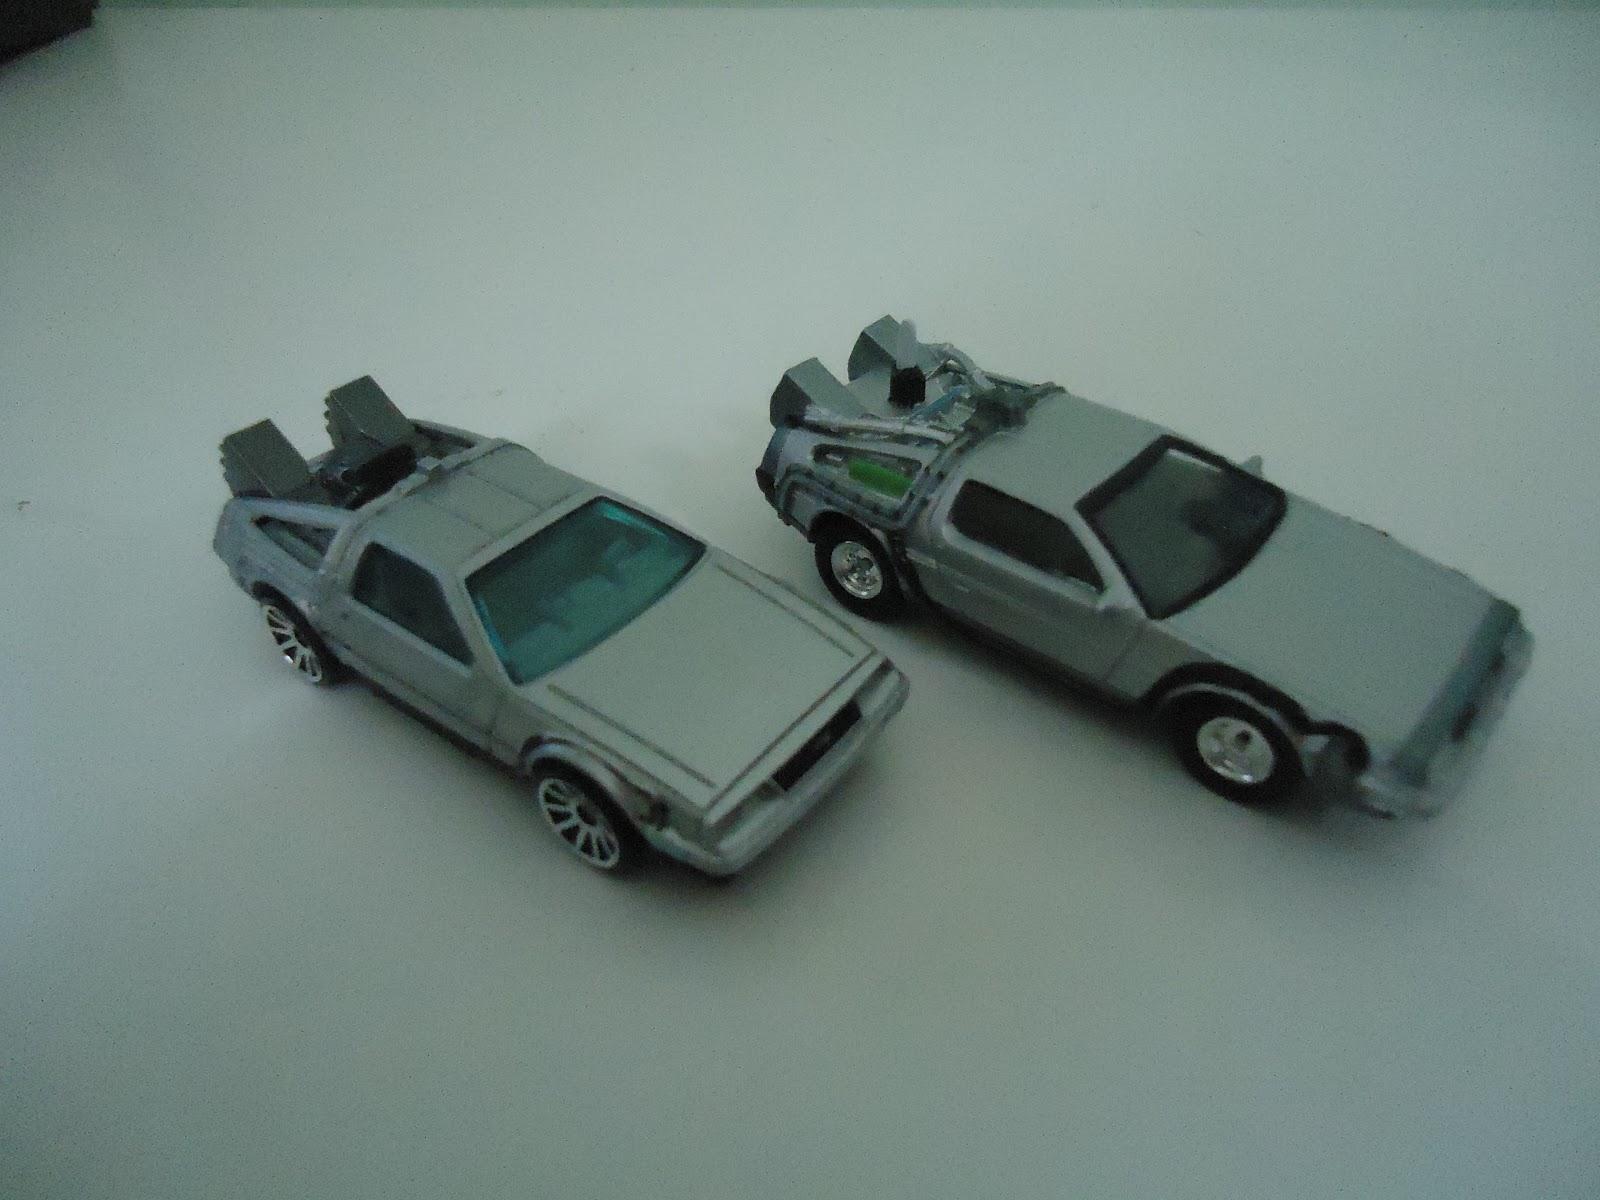 Filme Do Hot Wheels in onari blog: minhas coleÇÕes: miniaturas de carros 1:64